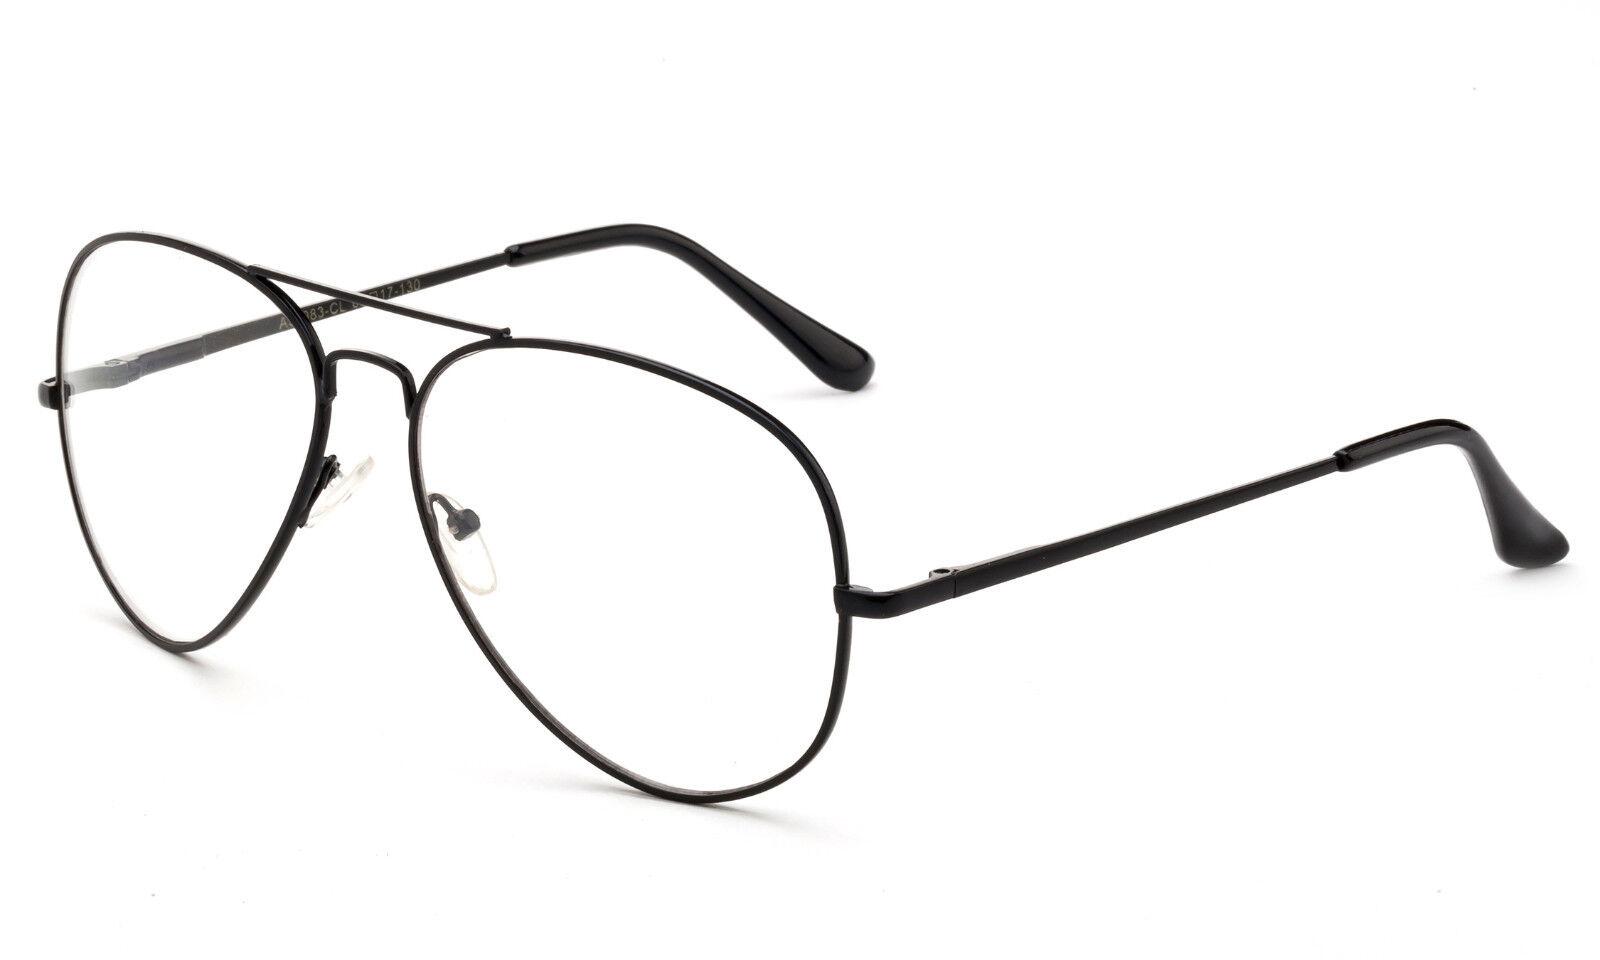 Schwarz Klassisch Durchsichtige Linse Aviator Brillen Falsch Federscharniere